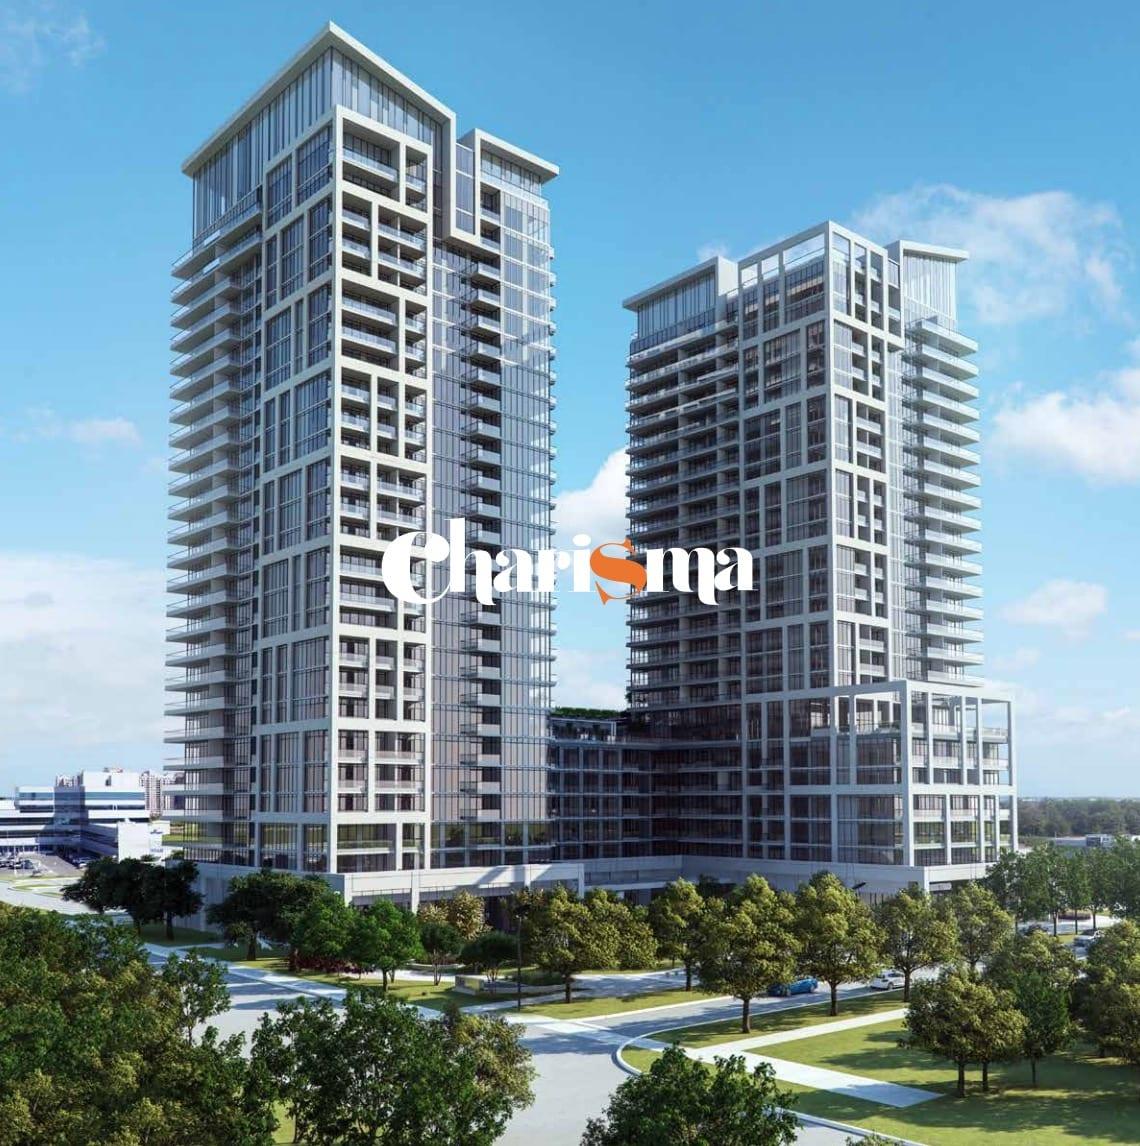 Charisma-Condos-Building-Exterior-Rendering-True-Condos.jpg